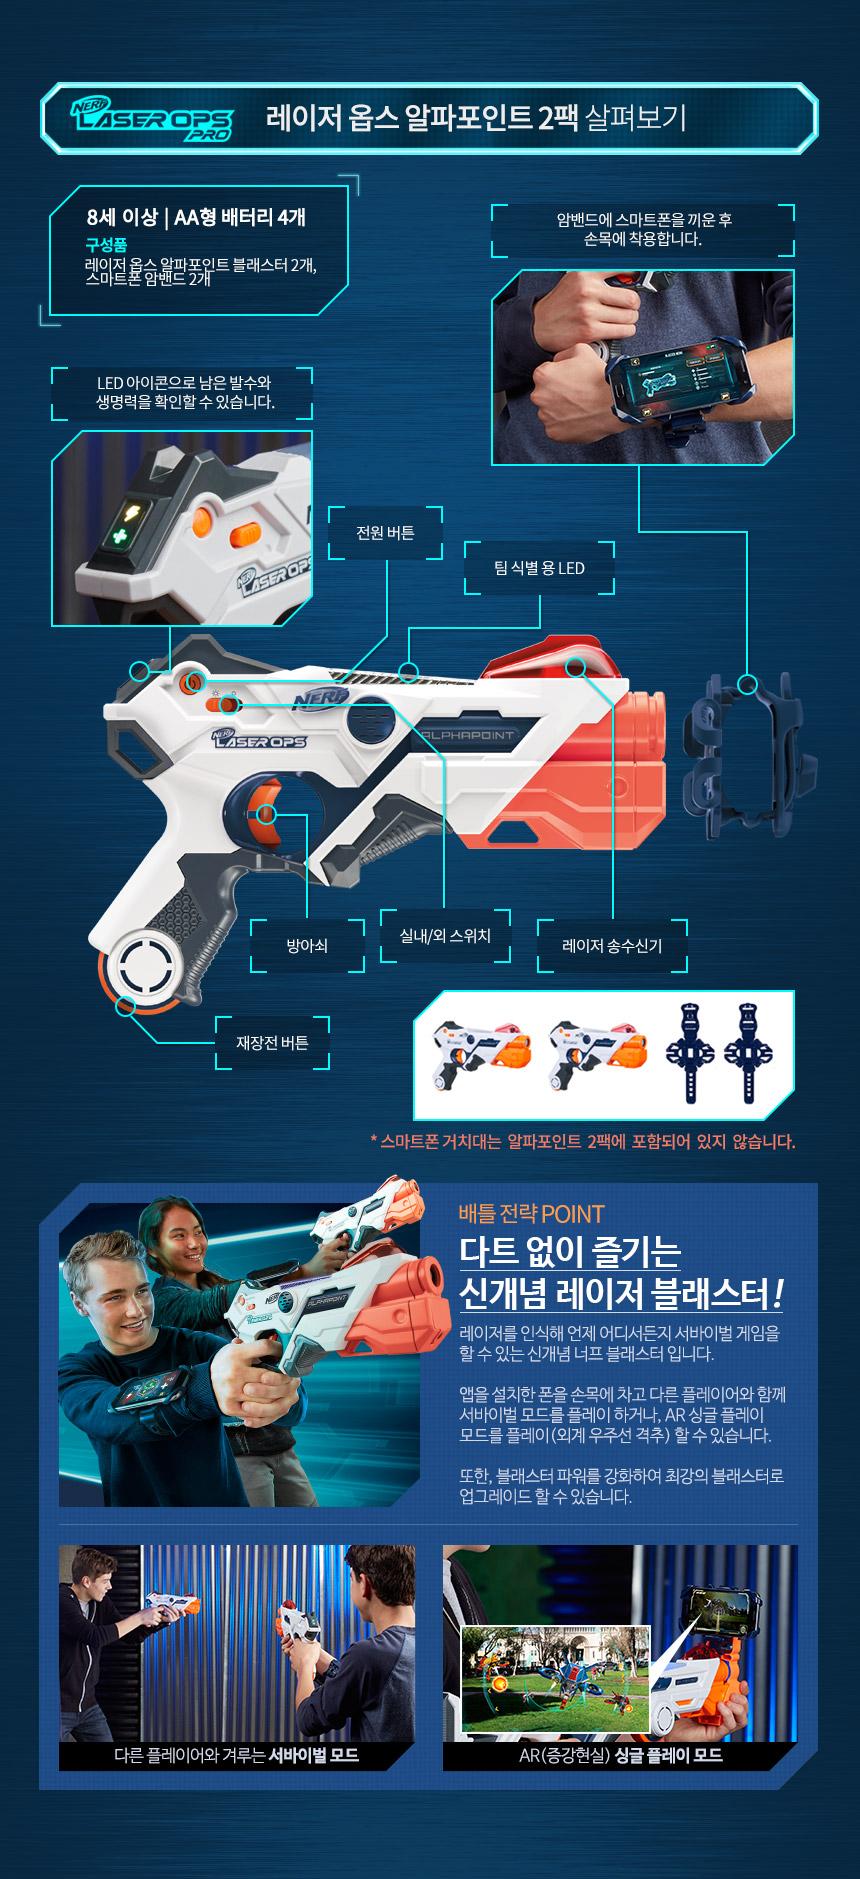 너프 레이저옵스 알파포인트 2팩 너프건 다트98,900원-해즈브로키덜트/취미, 장난감/게임기, 장난감총, 너프(NERF)바보사랑너프 레이저옵스 알파포인트 2팩 너프건 다트98,900원-해즈브로키덜트/취미, 장난감/게임기, 장난감총, 너프(NERF)바보사랑